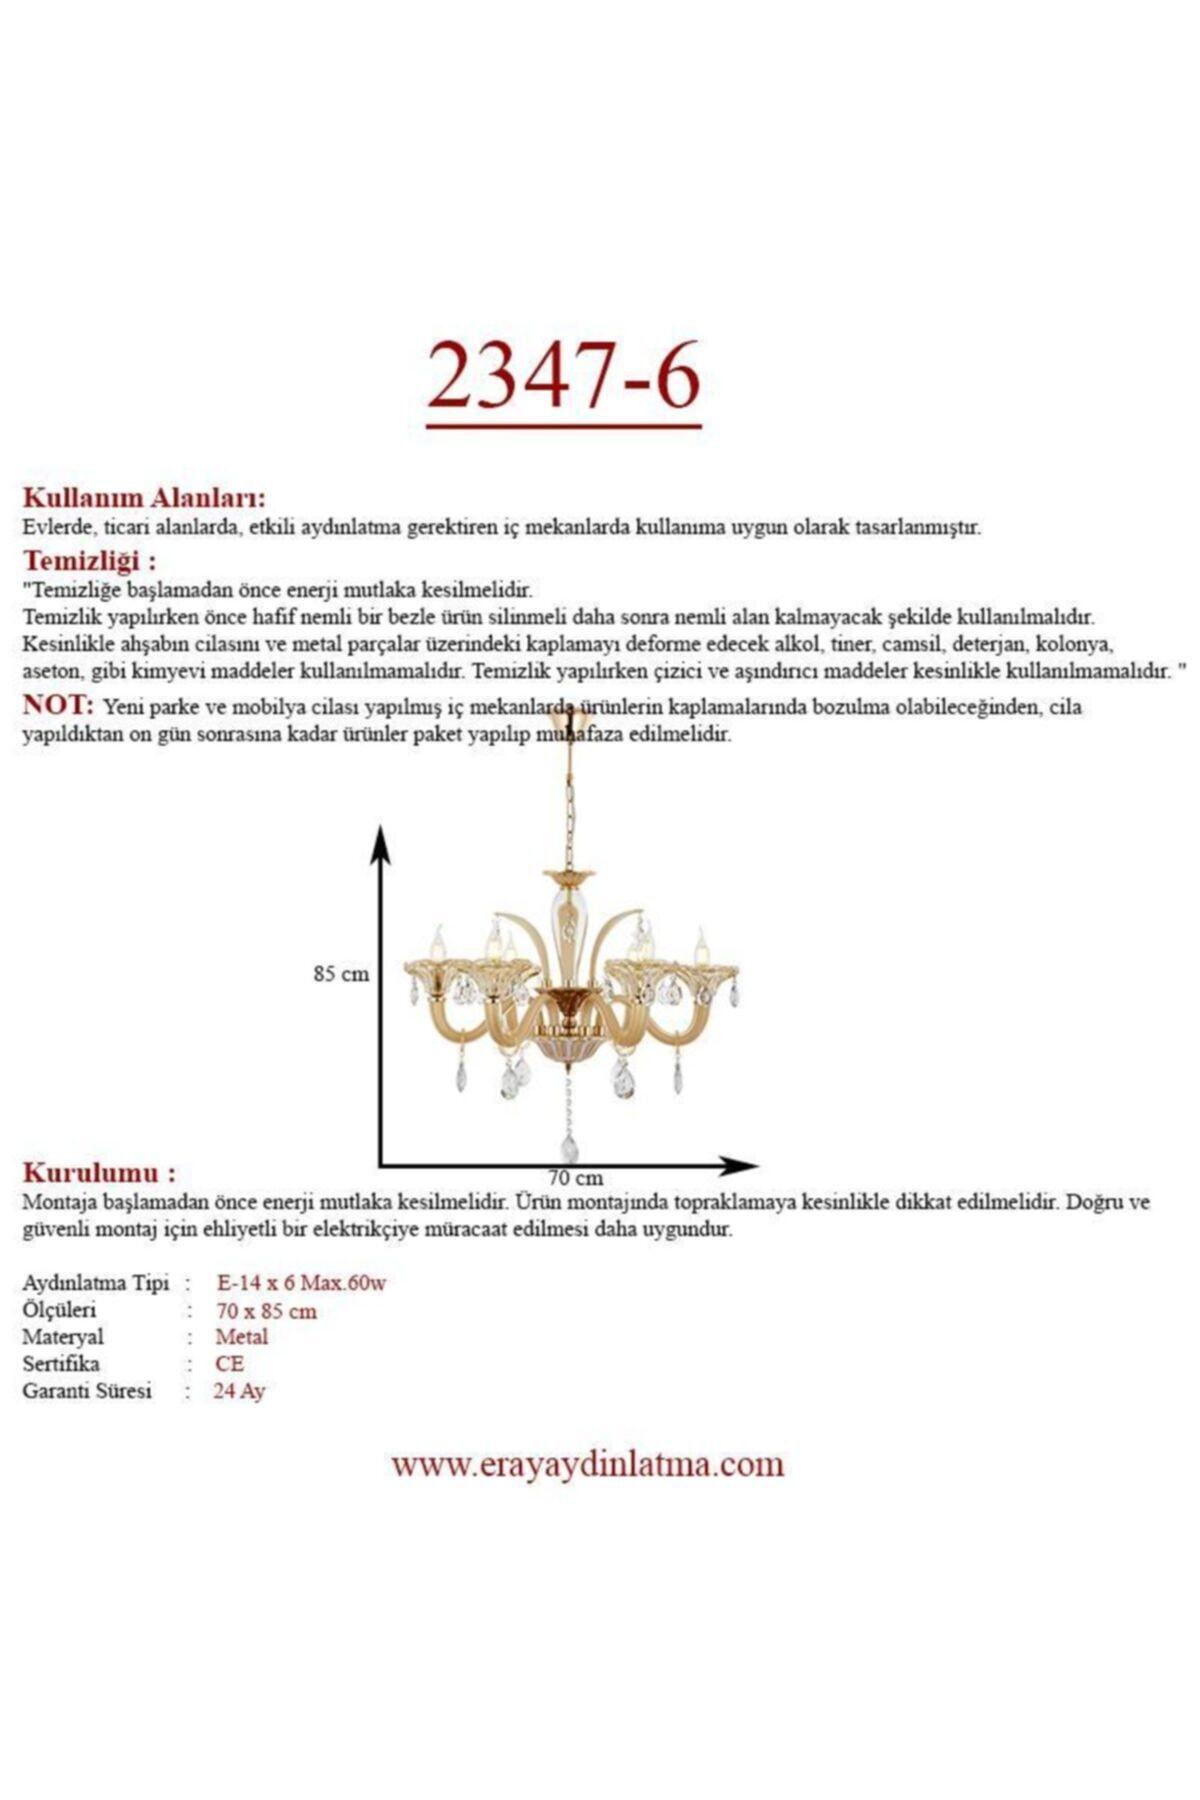 Eray Aydınlatma 2347-6 6 Lı Krem Klasik Avize